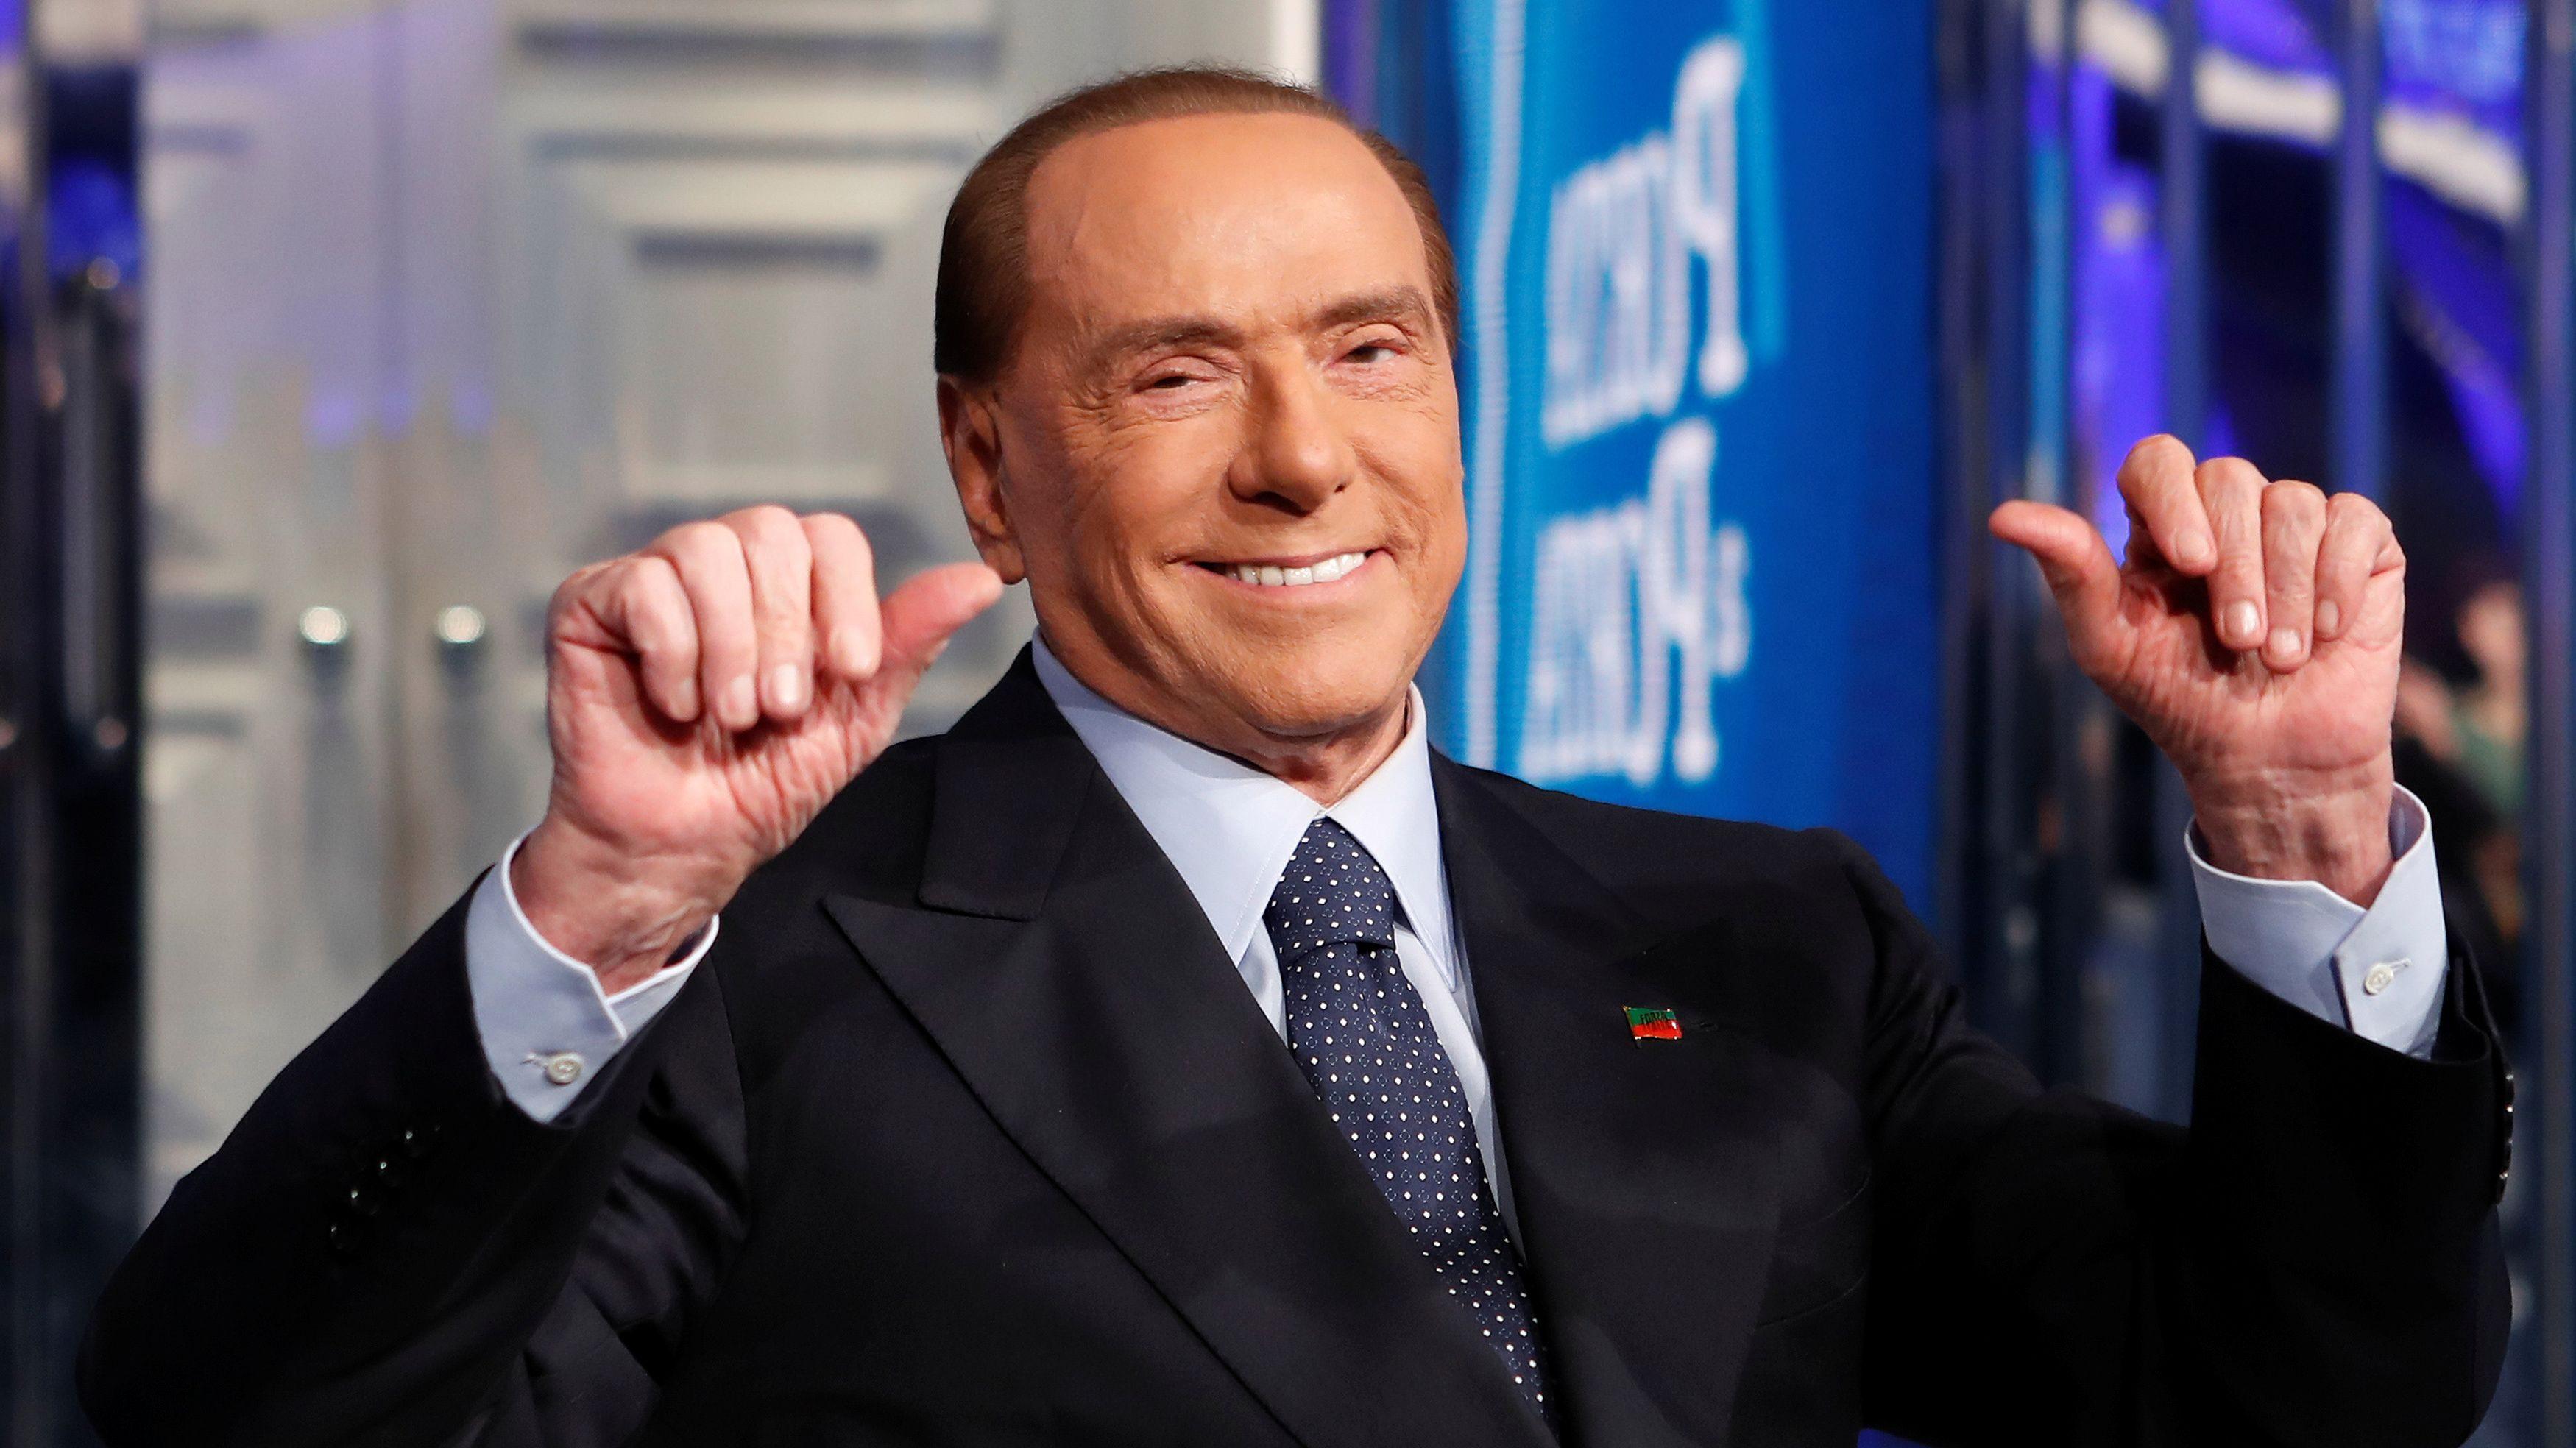 Silvio Berlusconi will go to prison for 7 years for seducing a minor 06/24/2013 73